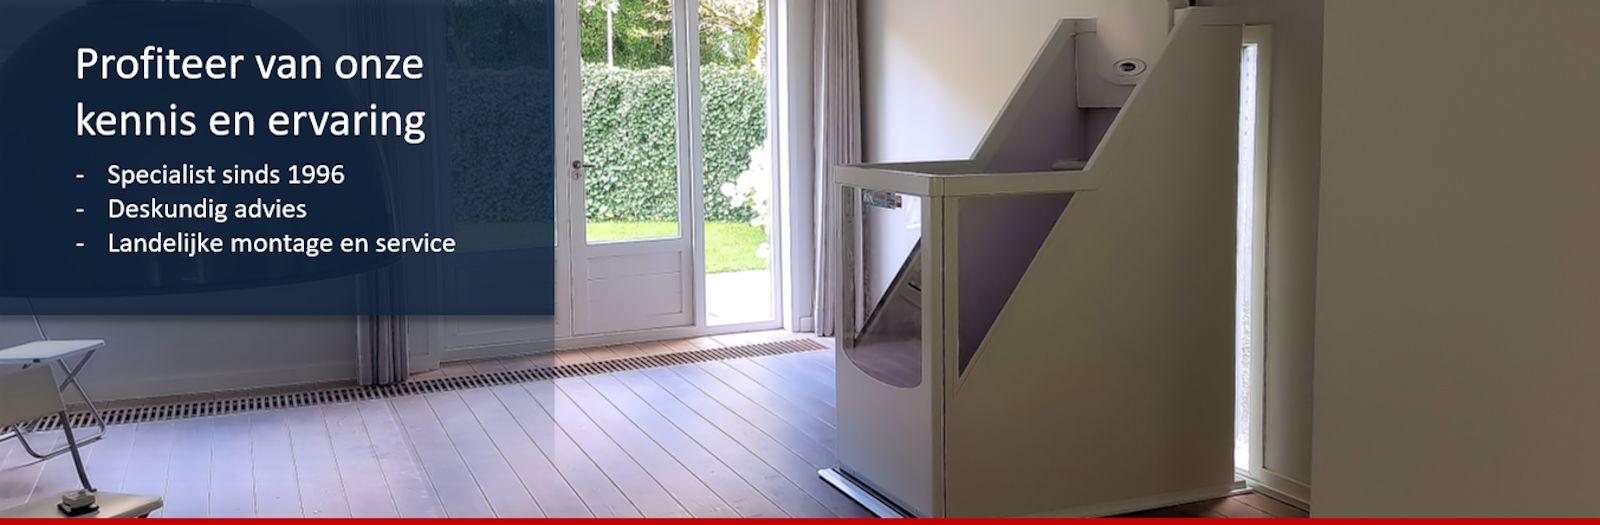 huislift-open-cabine-slider-1600x525